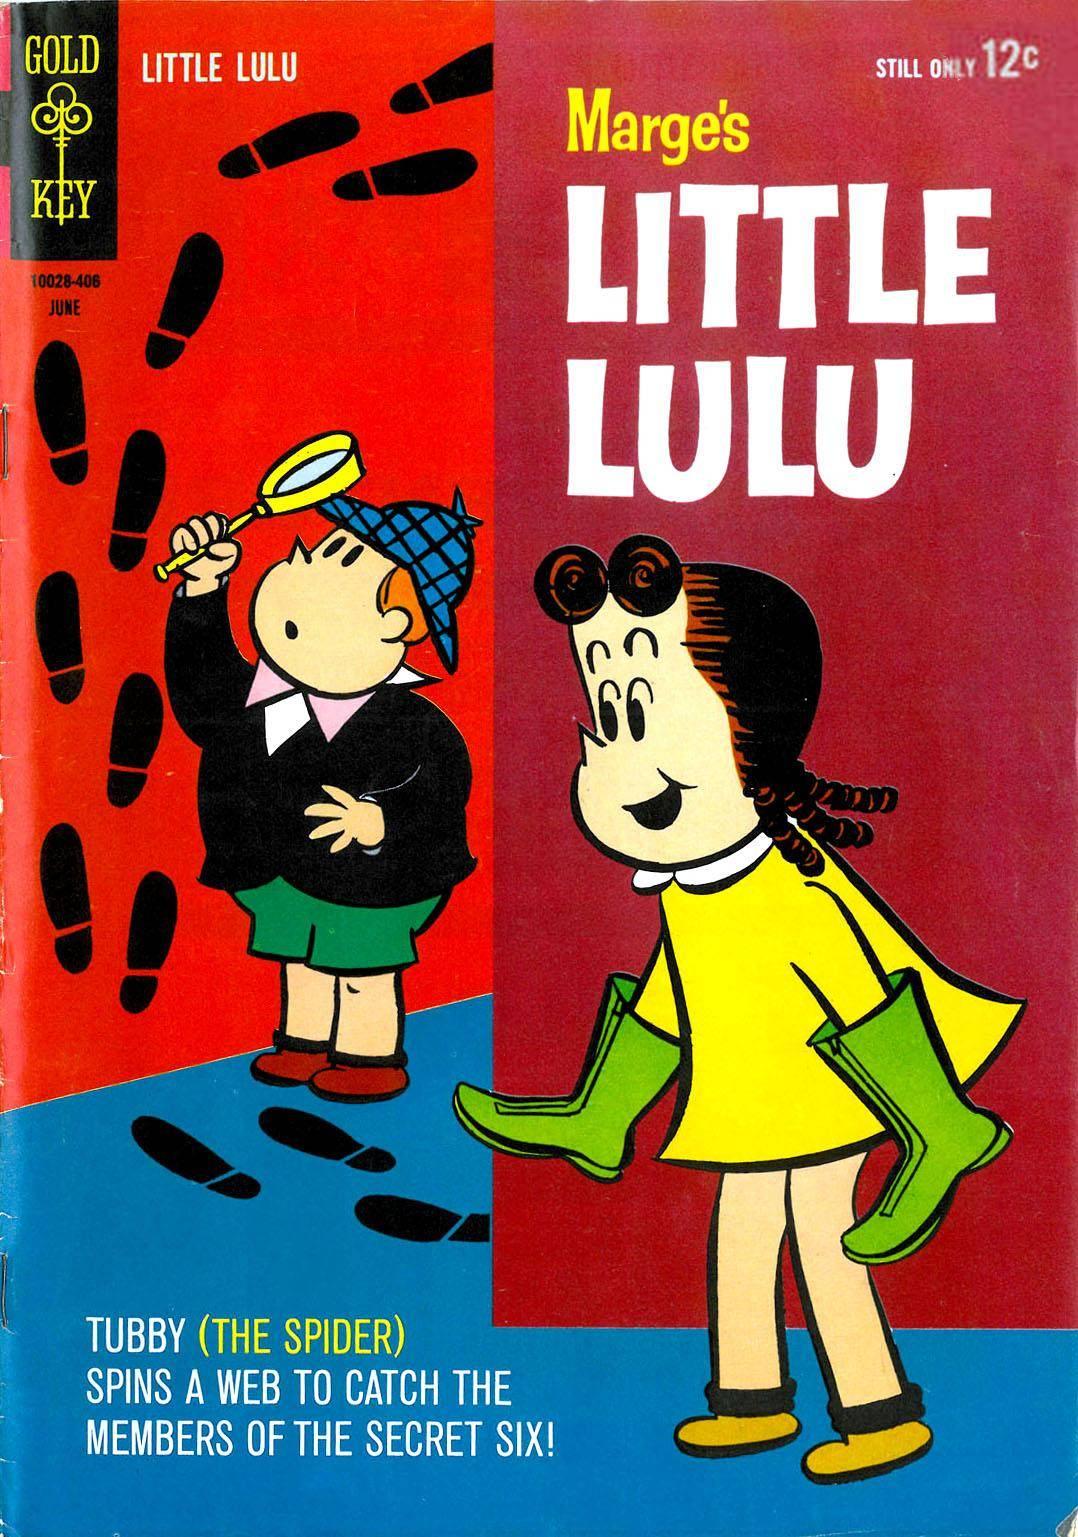 Little Lulu 1964-06 172